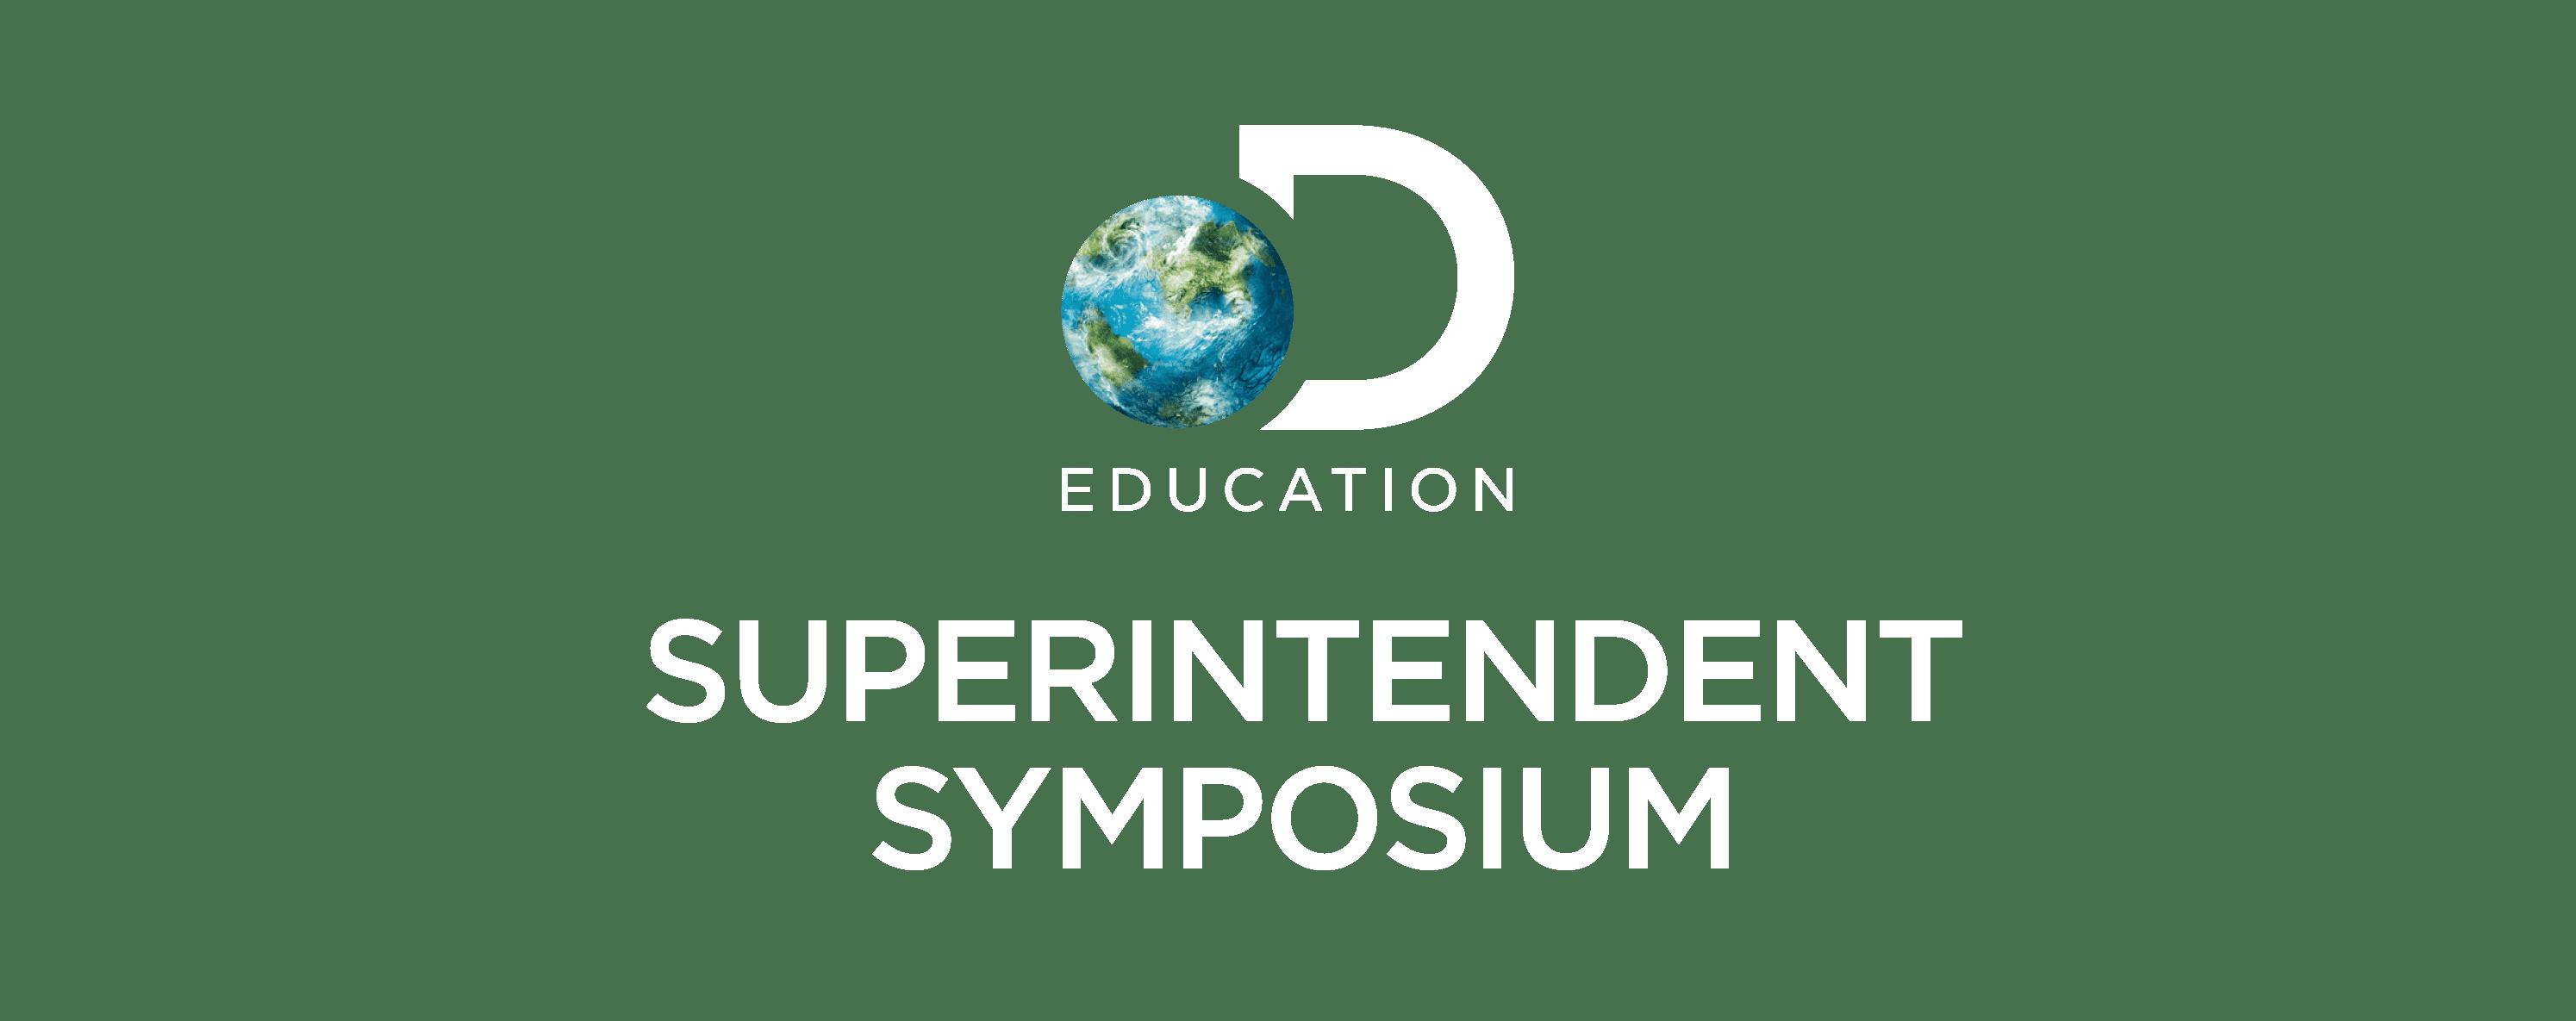 Superintendent Symposium logo